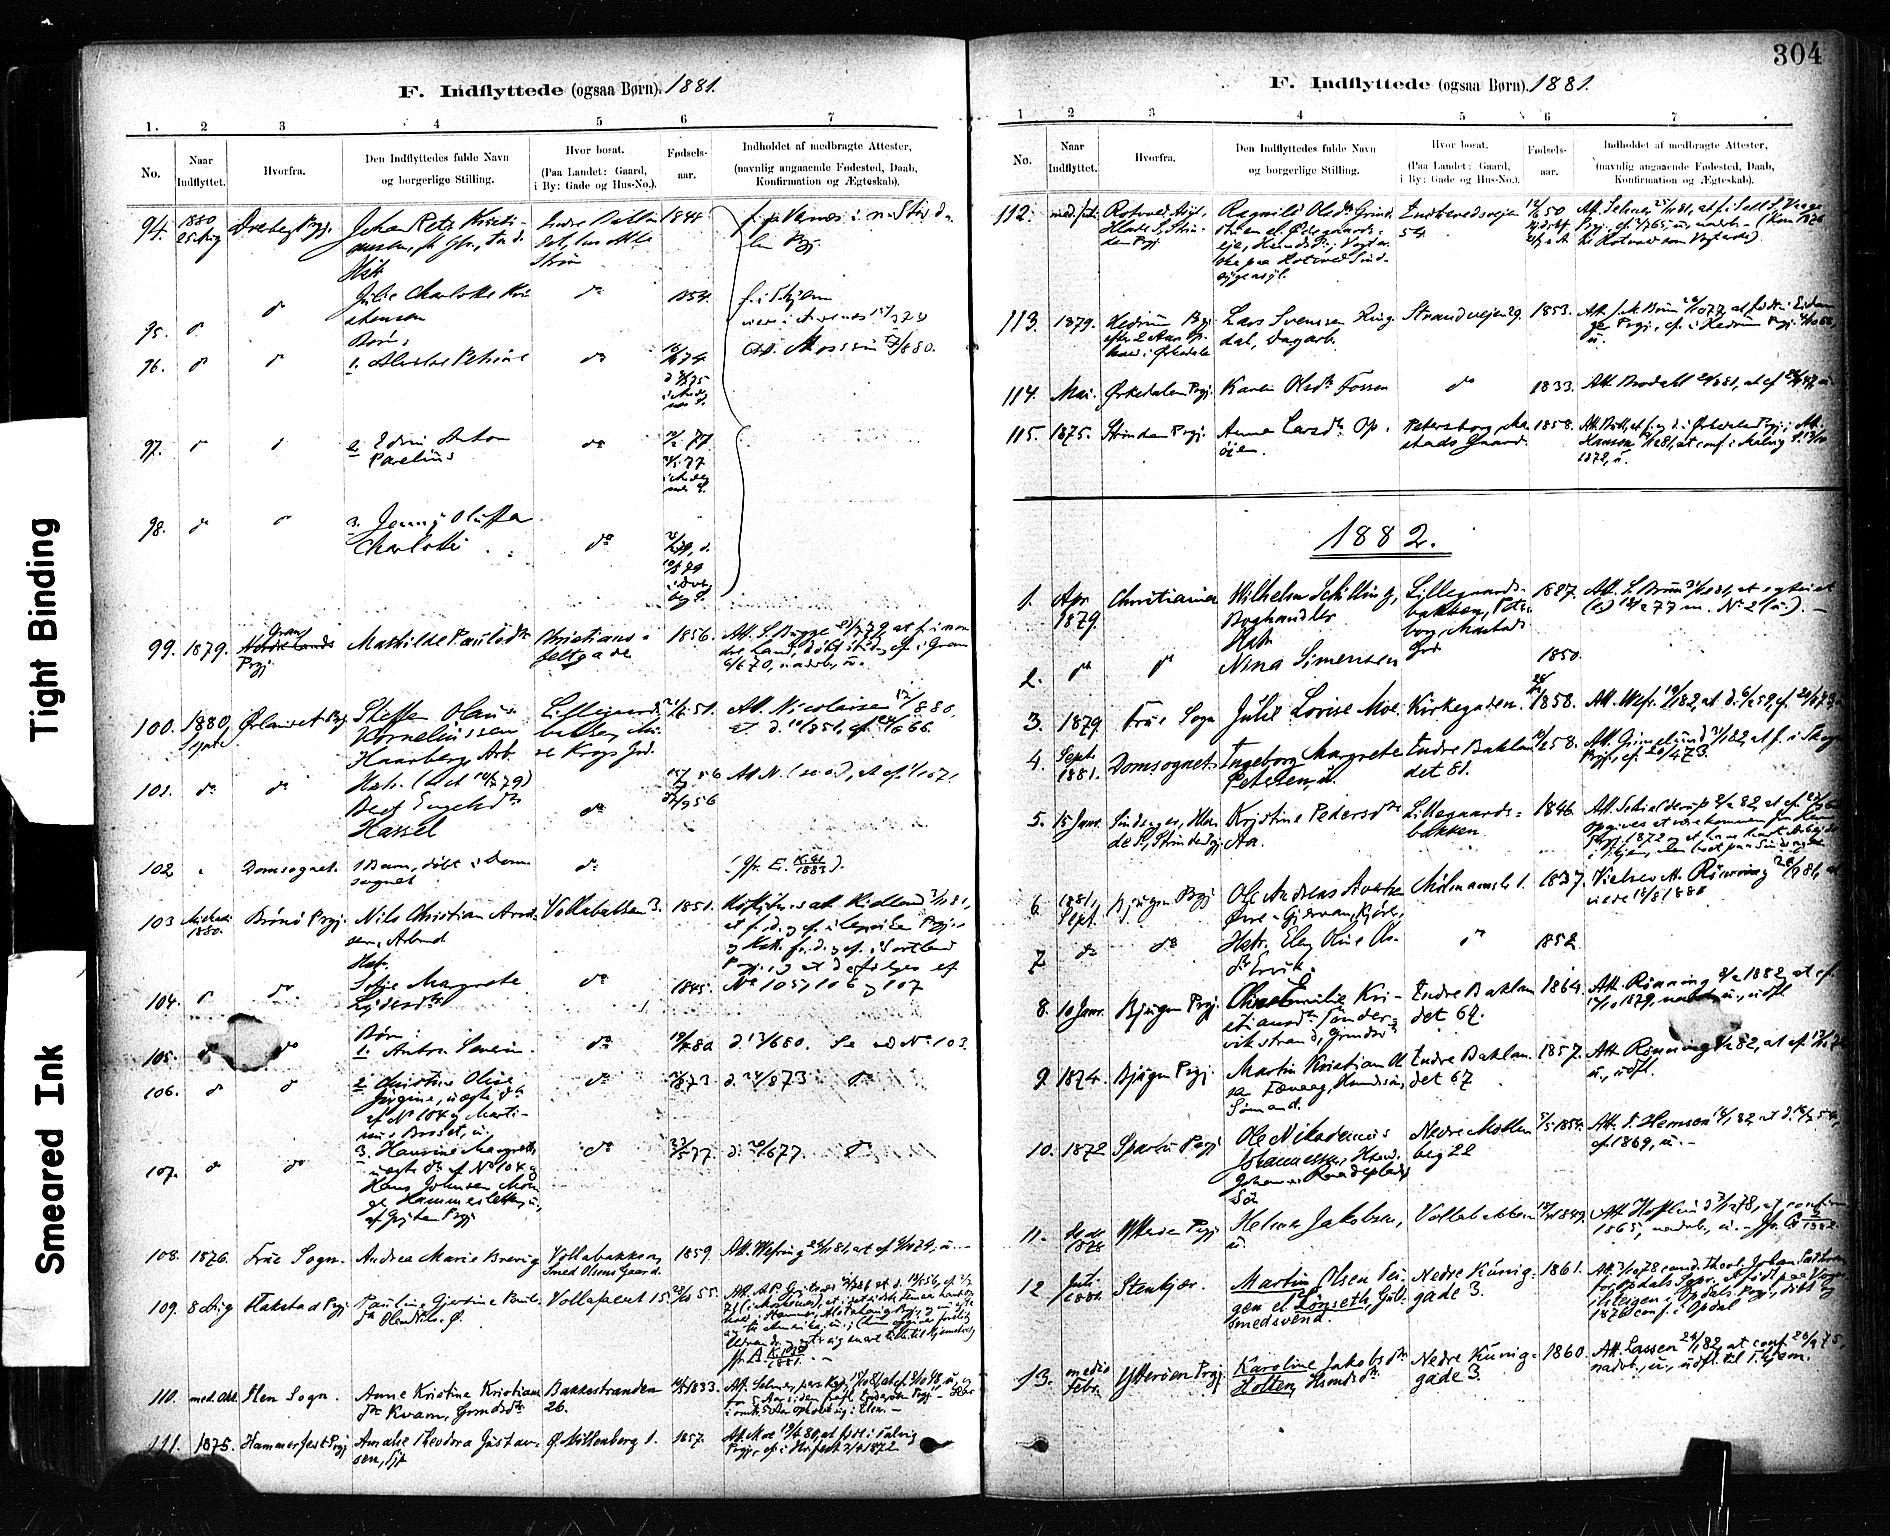 SAT, Ministerialprotokoller, klokkerbøker og fødselsregistre - Sør-Trøndelag, 604/L0189: Ministerialbok nr. 604A10, 1878-1892, s. 304